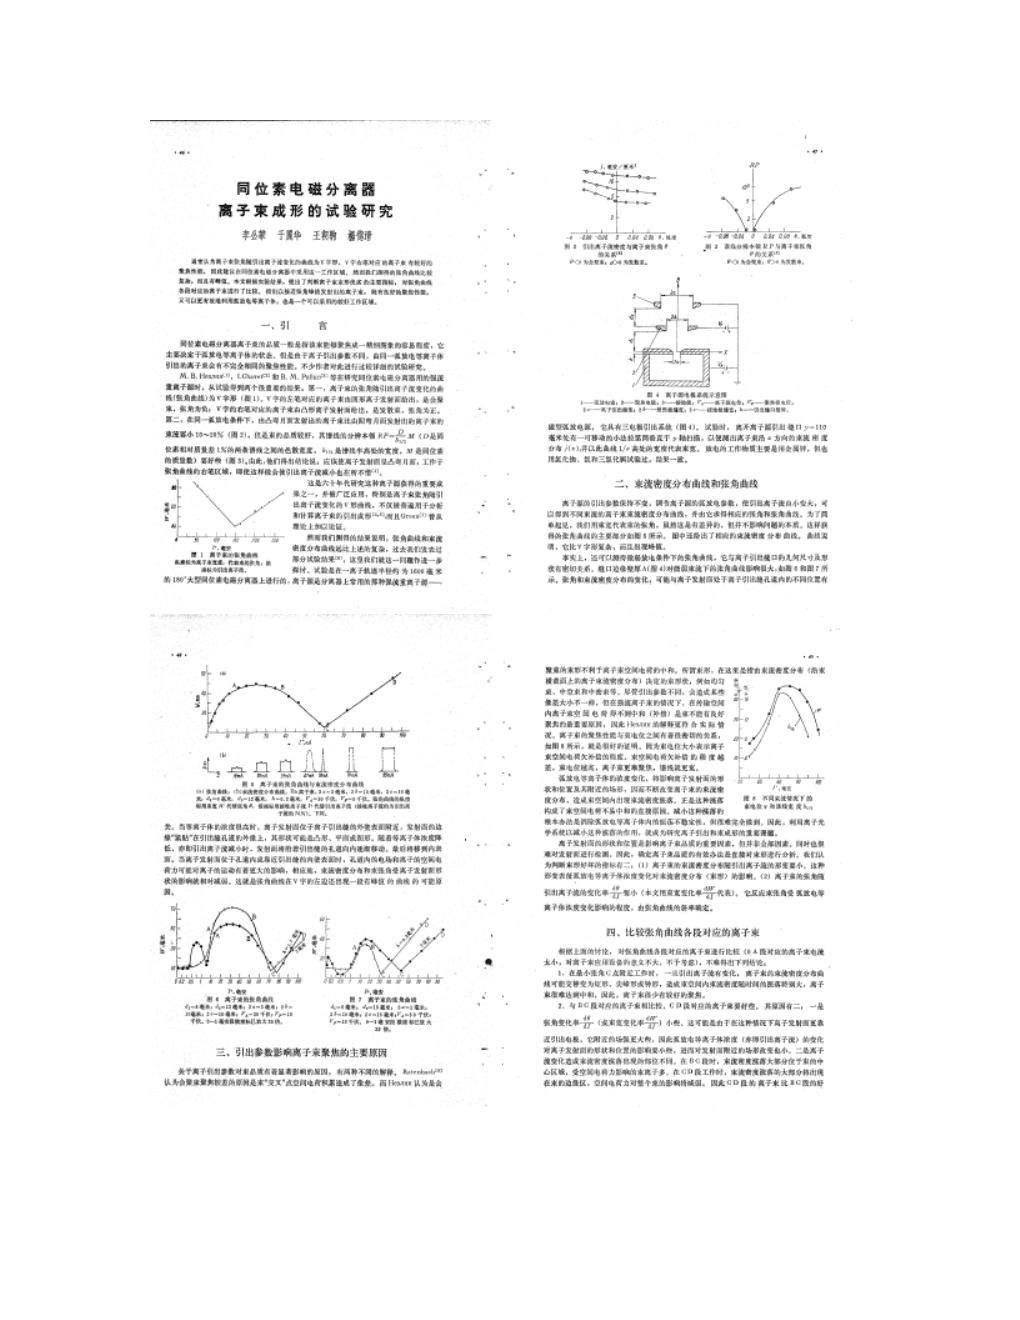 同位素电磁分离器离子束成形的试验研究 - 图文-.doc